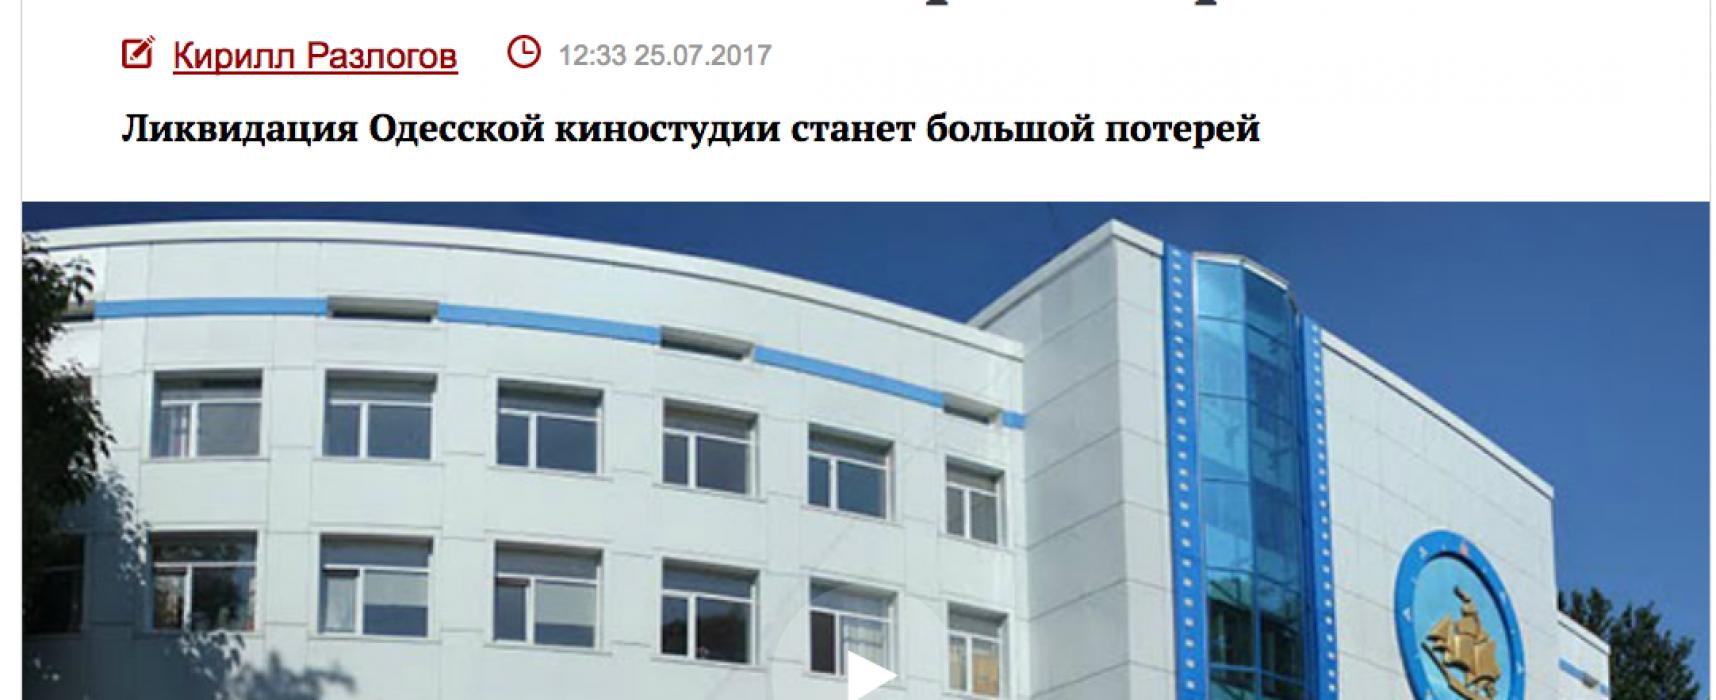 Фейк: Украина ликвидирует Одесскую киностудию